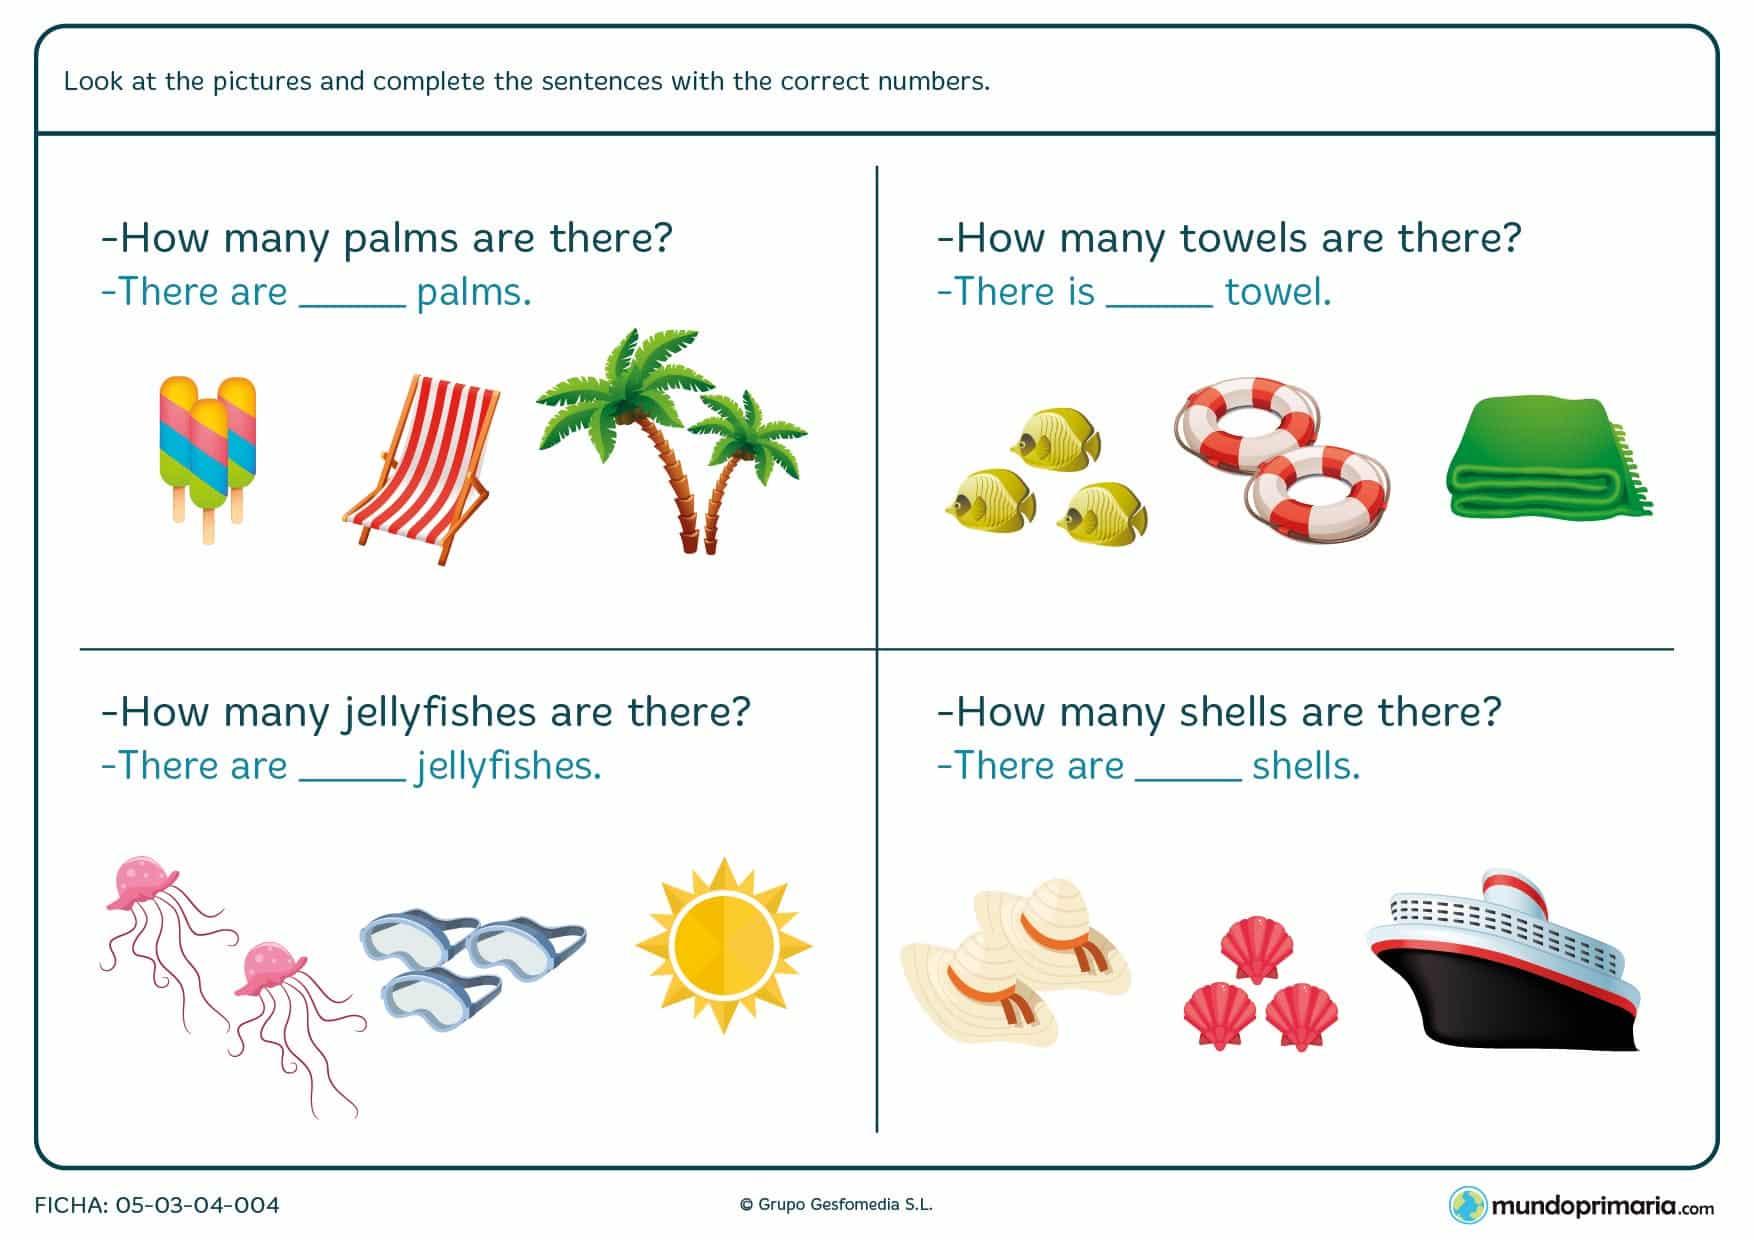 Ficha con textos que se deben rellenar en inglés. Se debe relacionar un número con un dibujo. En este caso hay que contar palmeras, toallas, medusas y conchas.